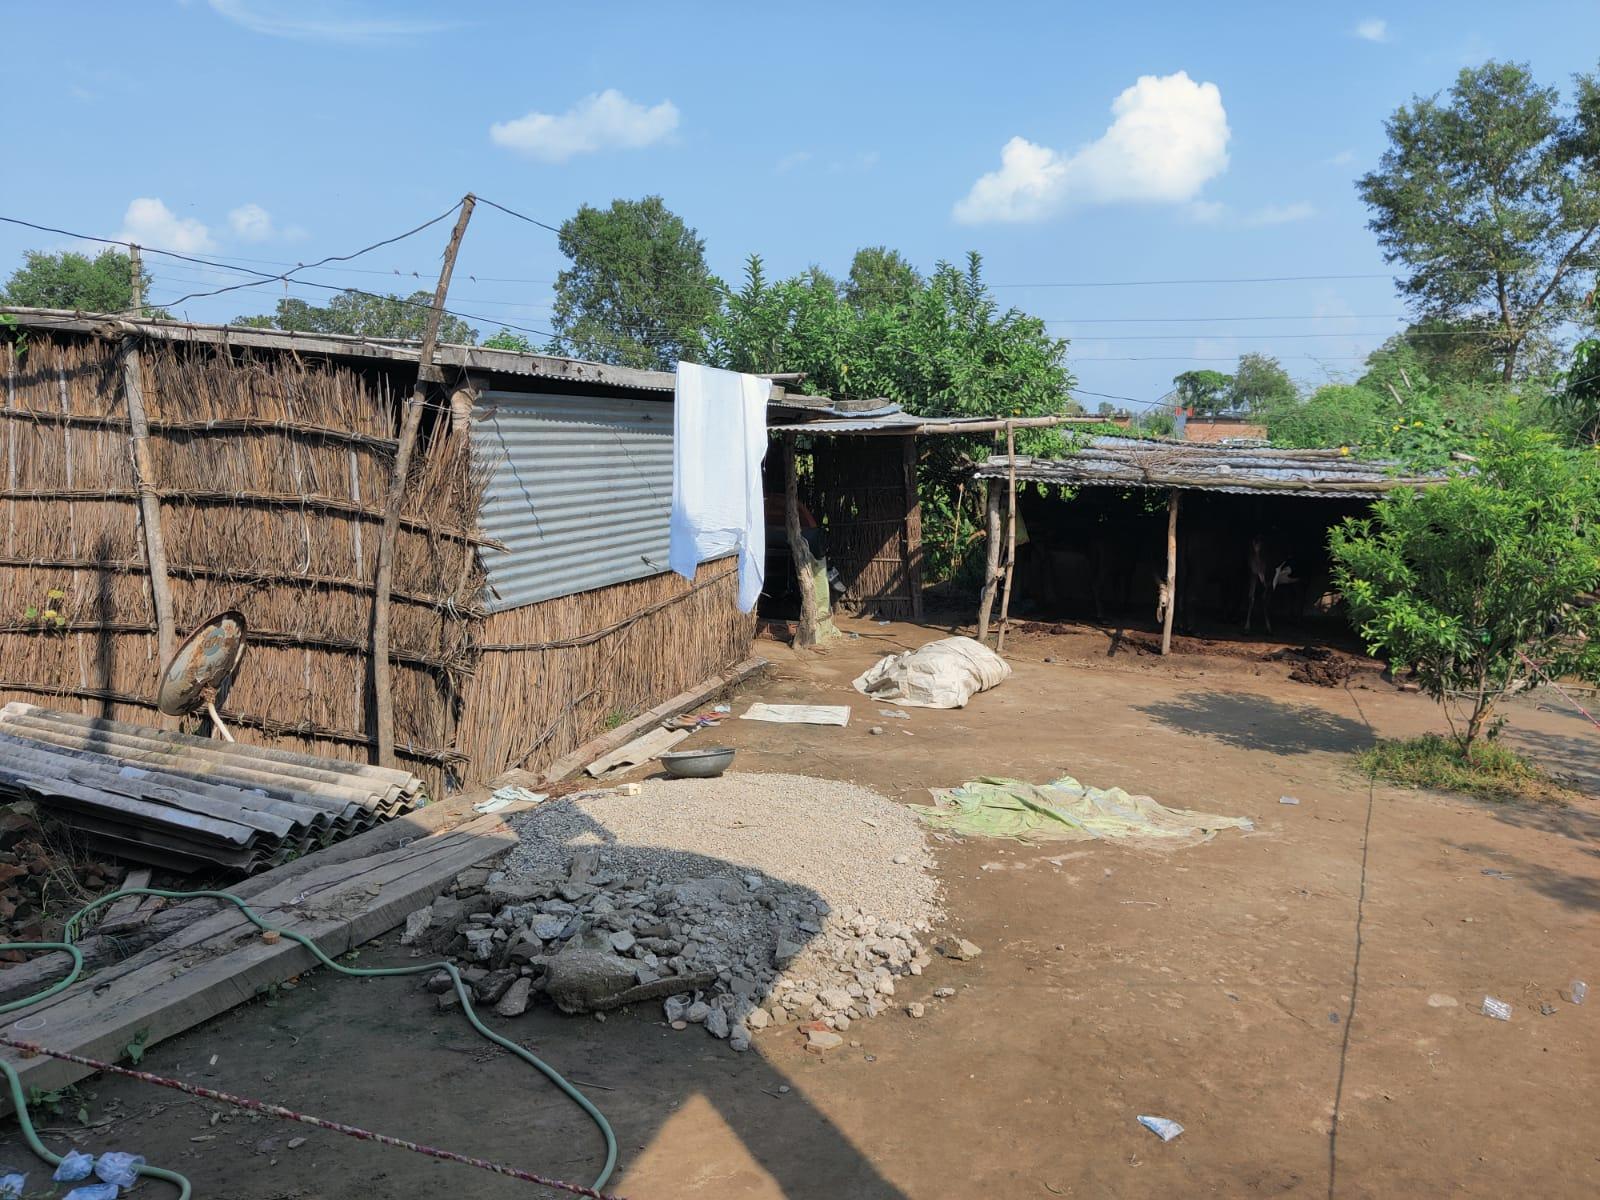 किसानों की हालत तो यहां खराब है ही, लेकिन उससे भी बुरा हाल यहां के मजदूरों का है। उनके पास न ढंग का काम है, ना आमदनी है, ना मकान है।